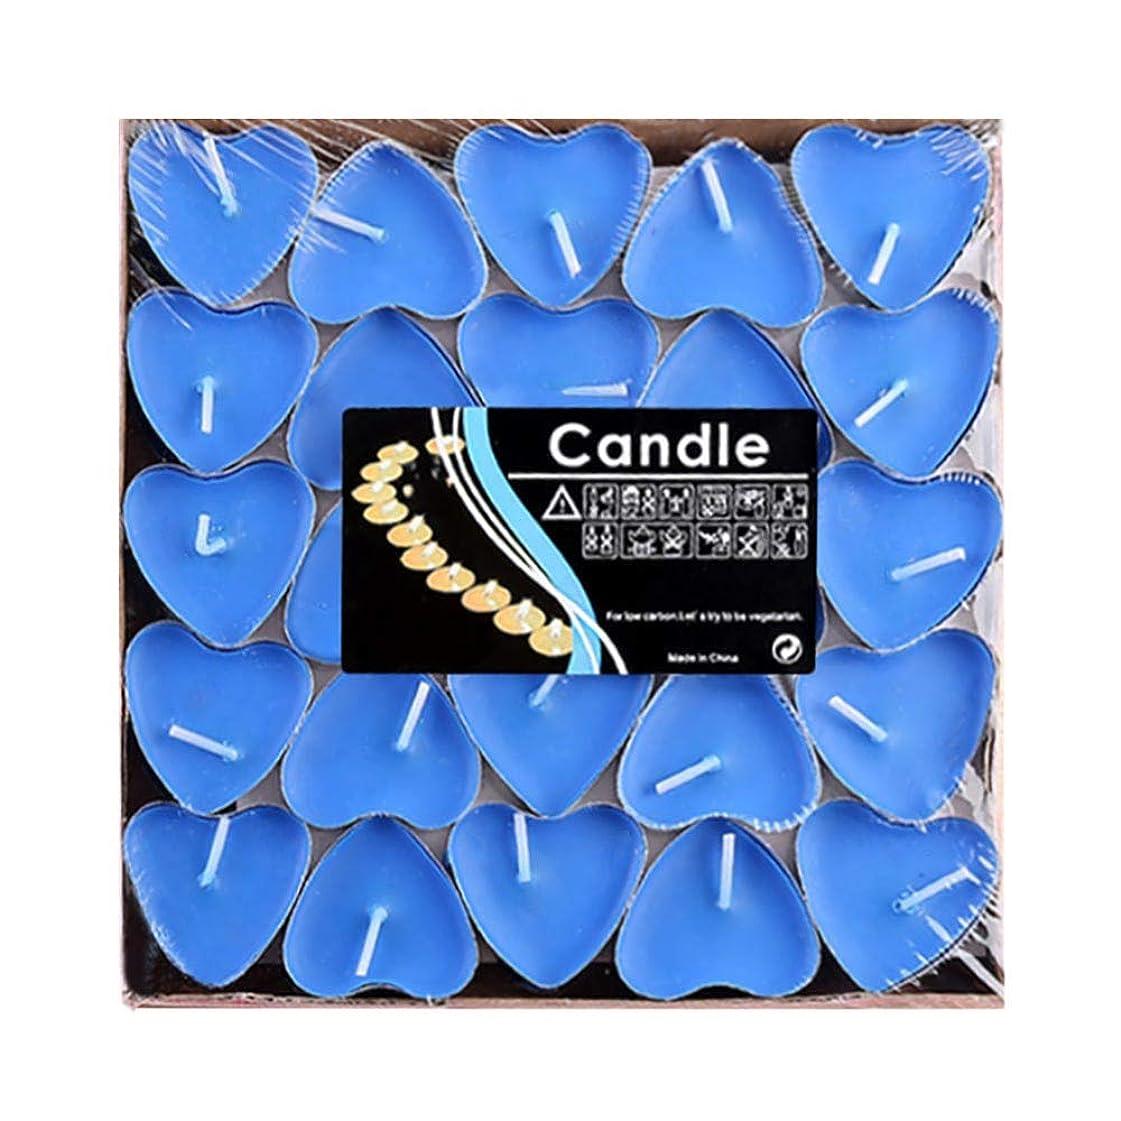 スイッチ野心バンドHwagui ハート型 キャンドル 人気 アロマキャンドル 芳醇で キャンドル ロマンス、愛の告白、キャンドル 50個 2時間 ZH009